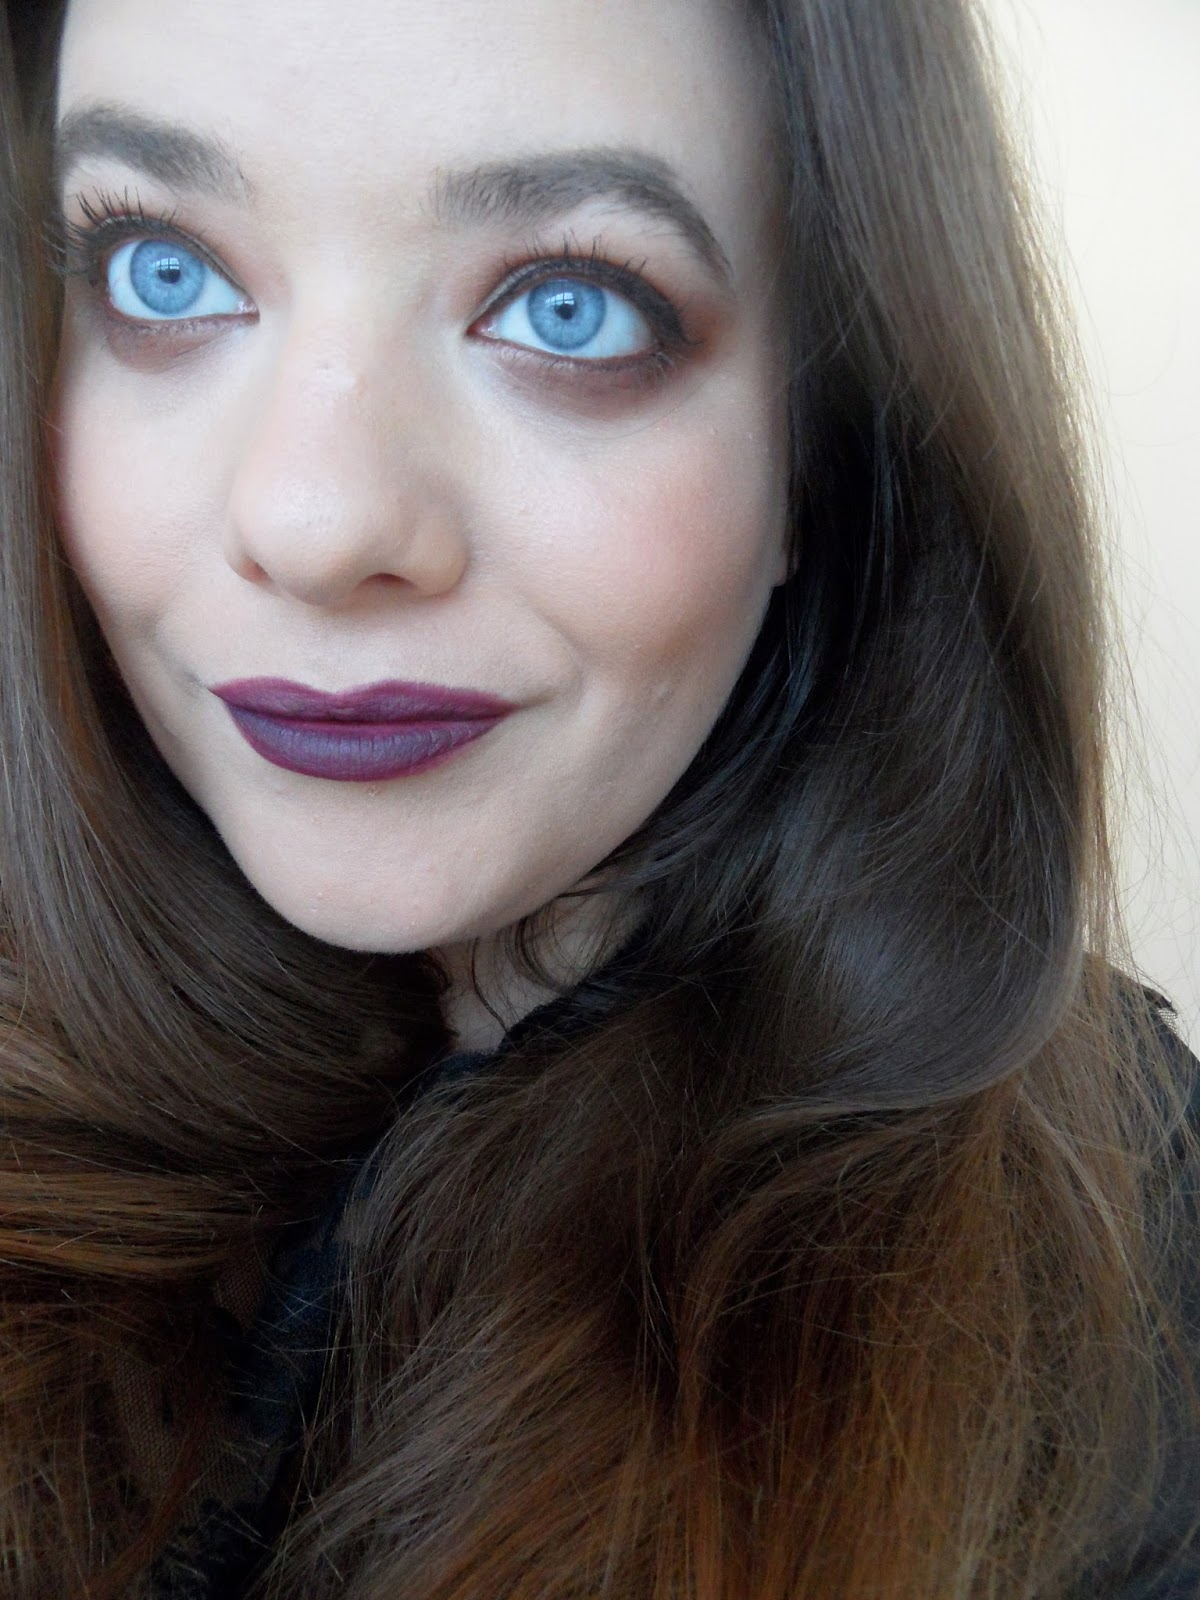 Kick Arse Red Lips: Would You Wear MAC's Smoked Purple Lipstick?